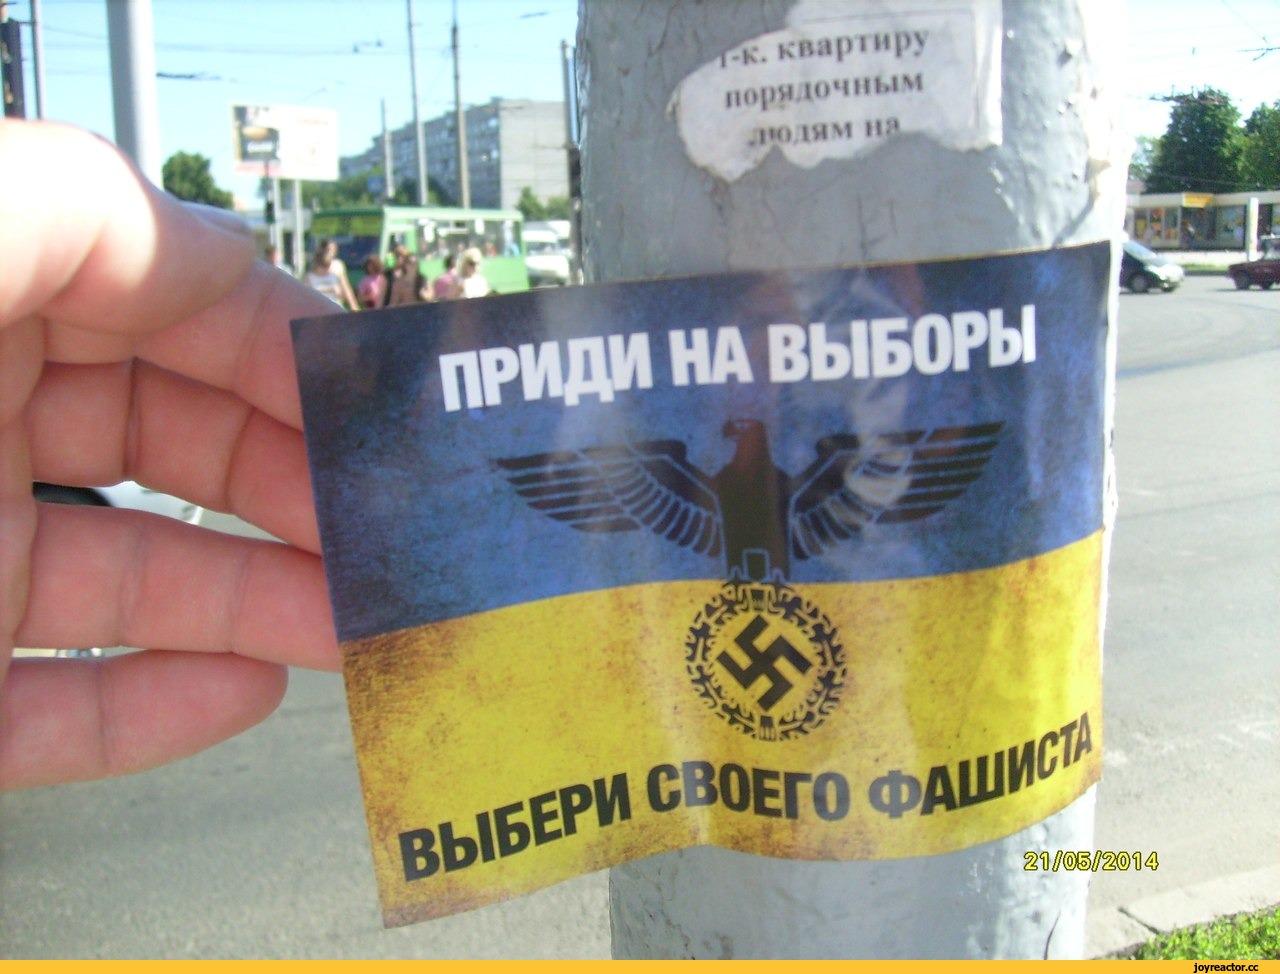 прикольные картинки выборы на украине растительность средней длины